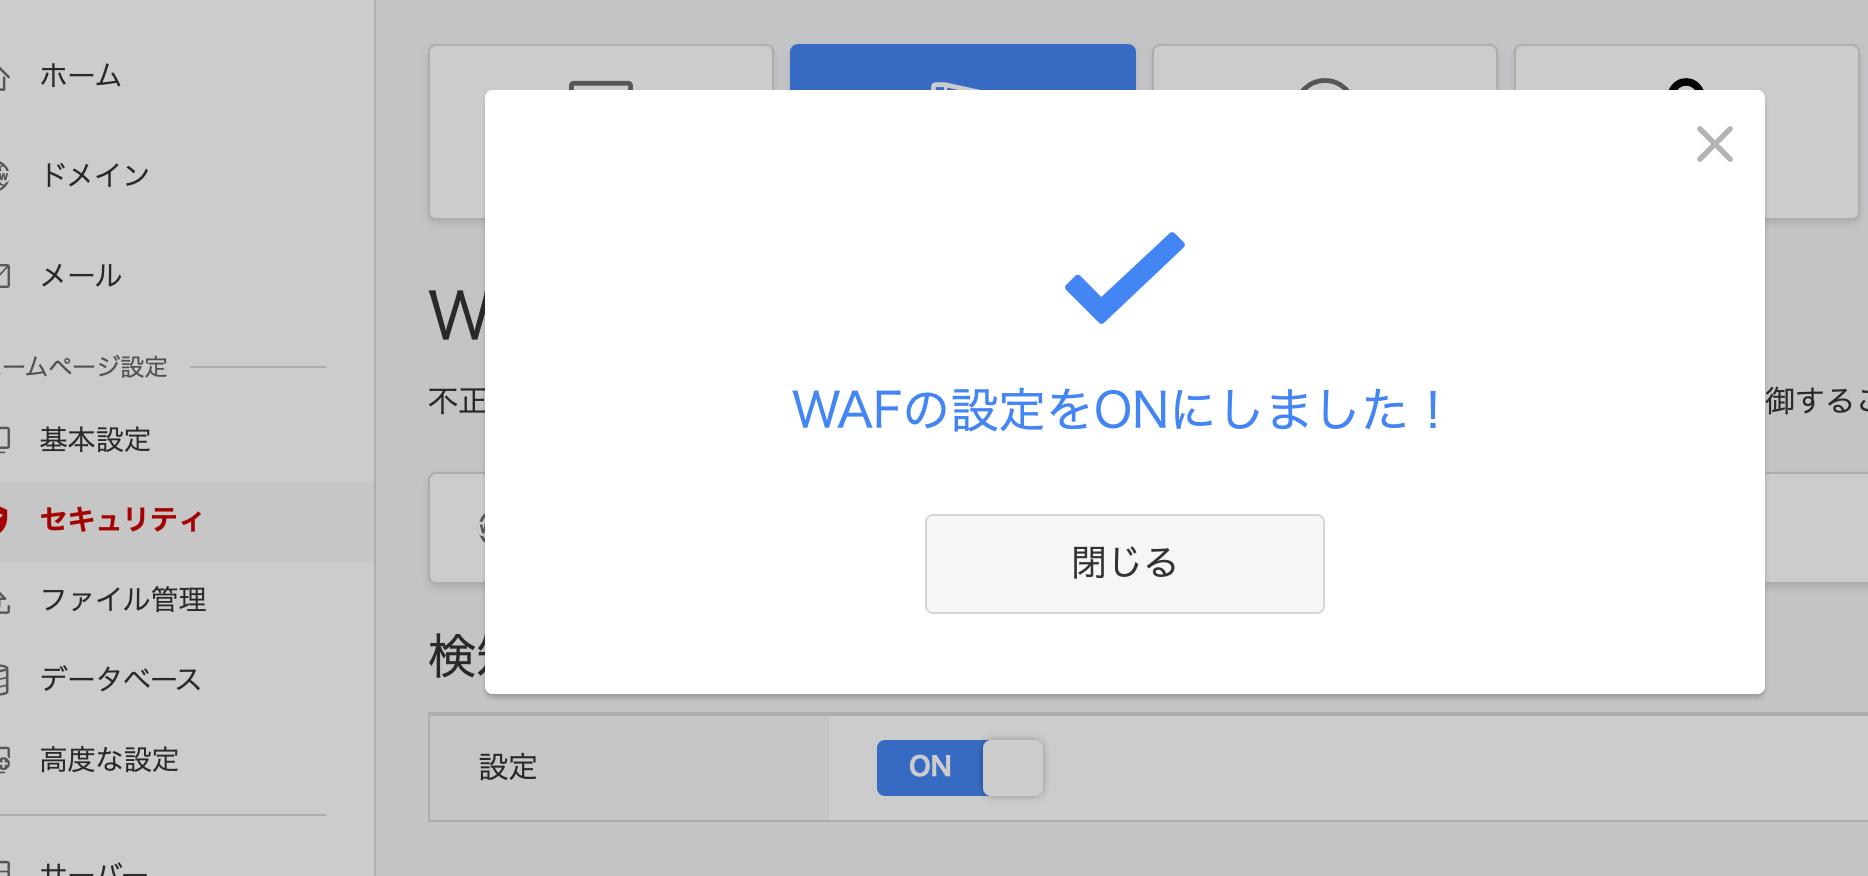 スクリーンショット 2021-03-01 15.25.25.png